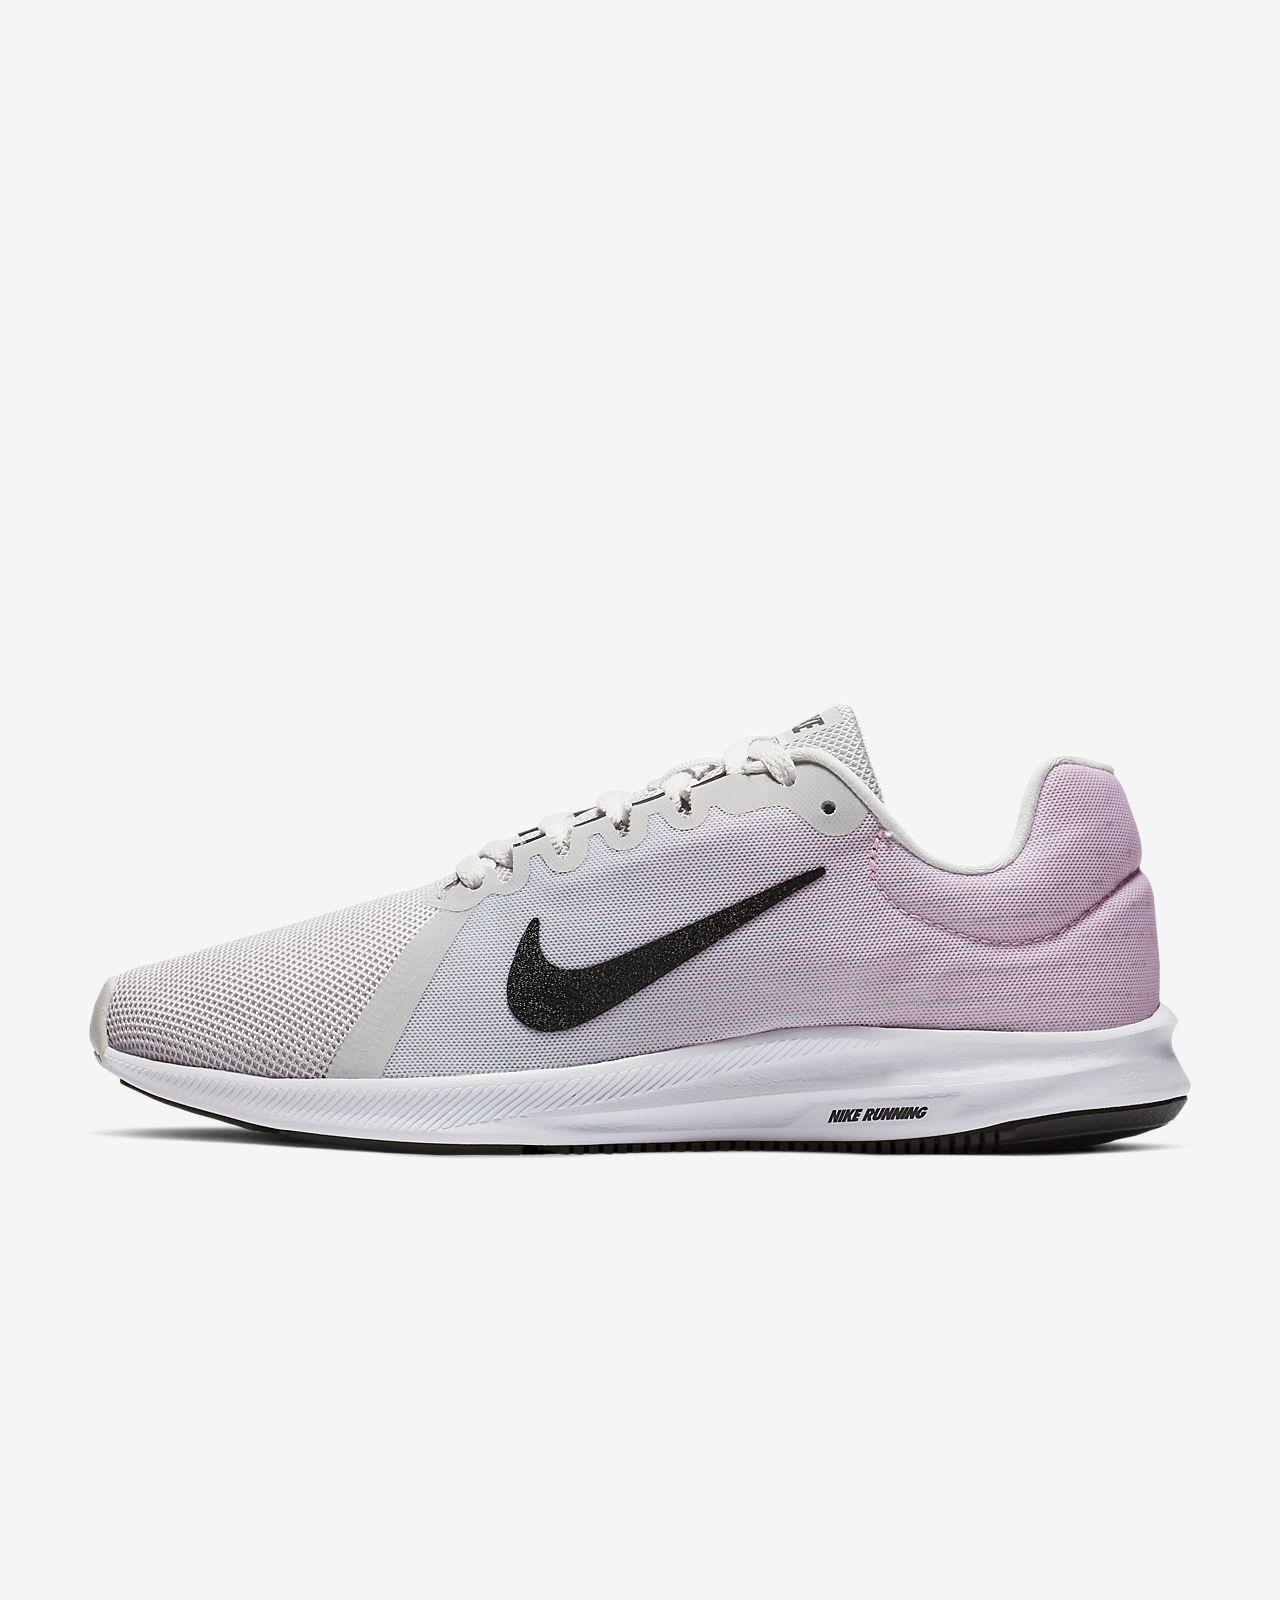 ca9786379ba53 Nike Downshifter 8 Damen-Laufschuh. Nike.com DE